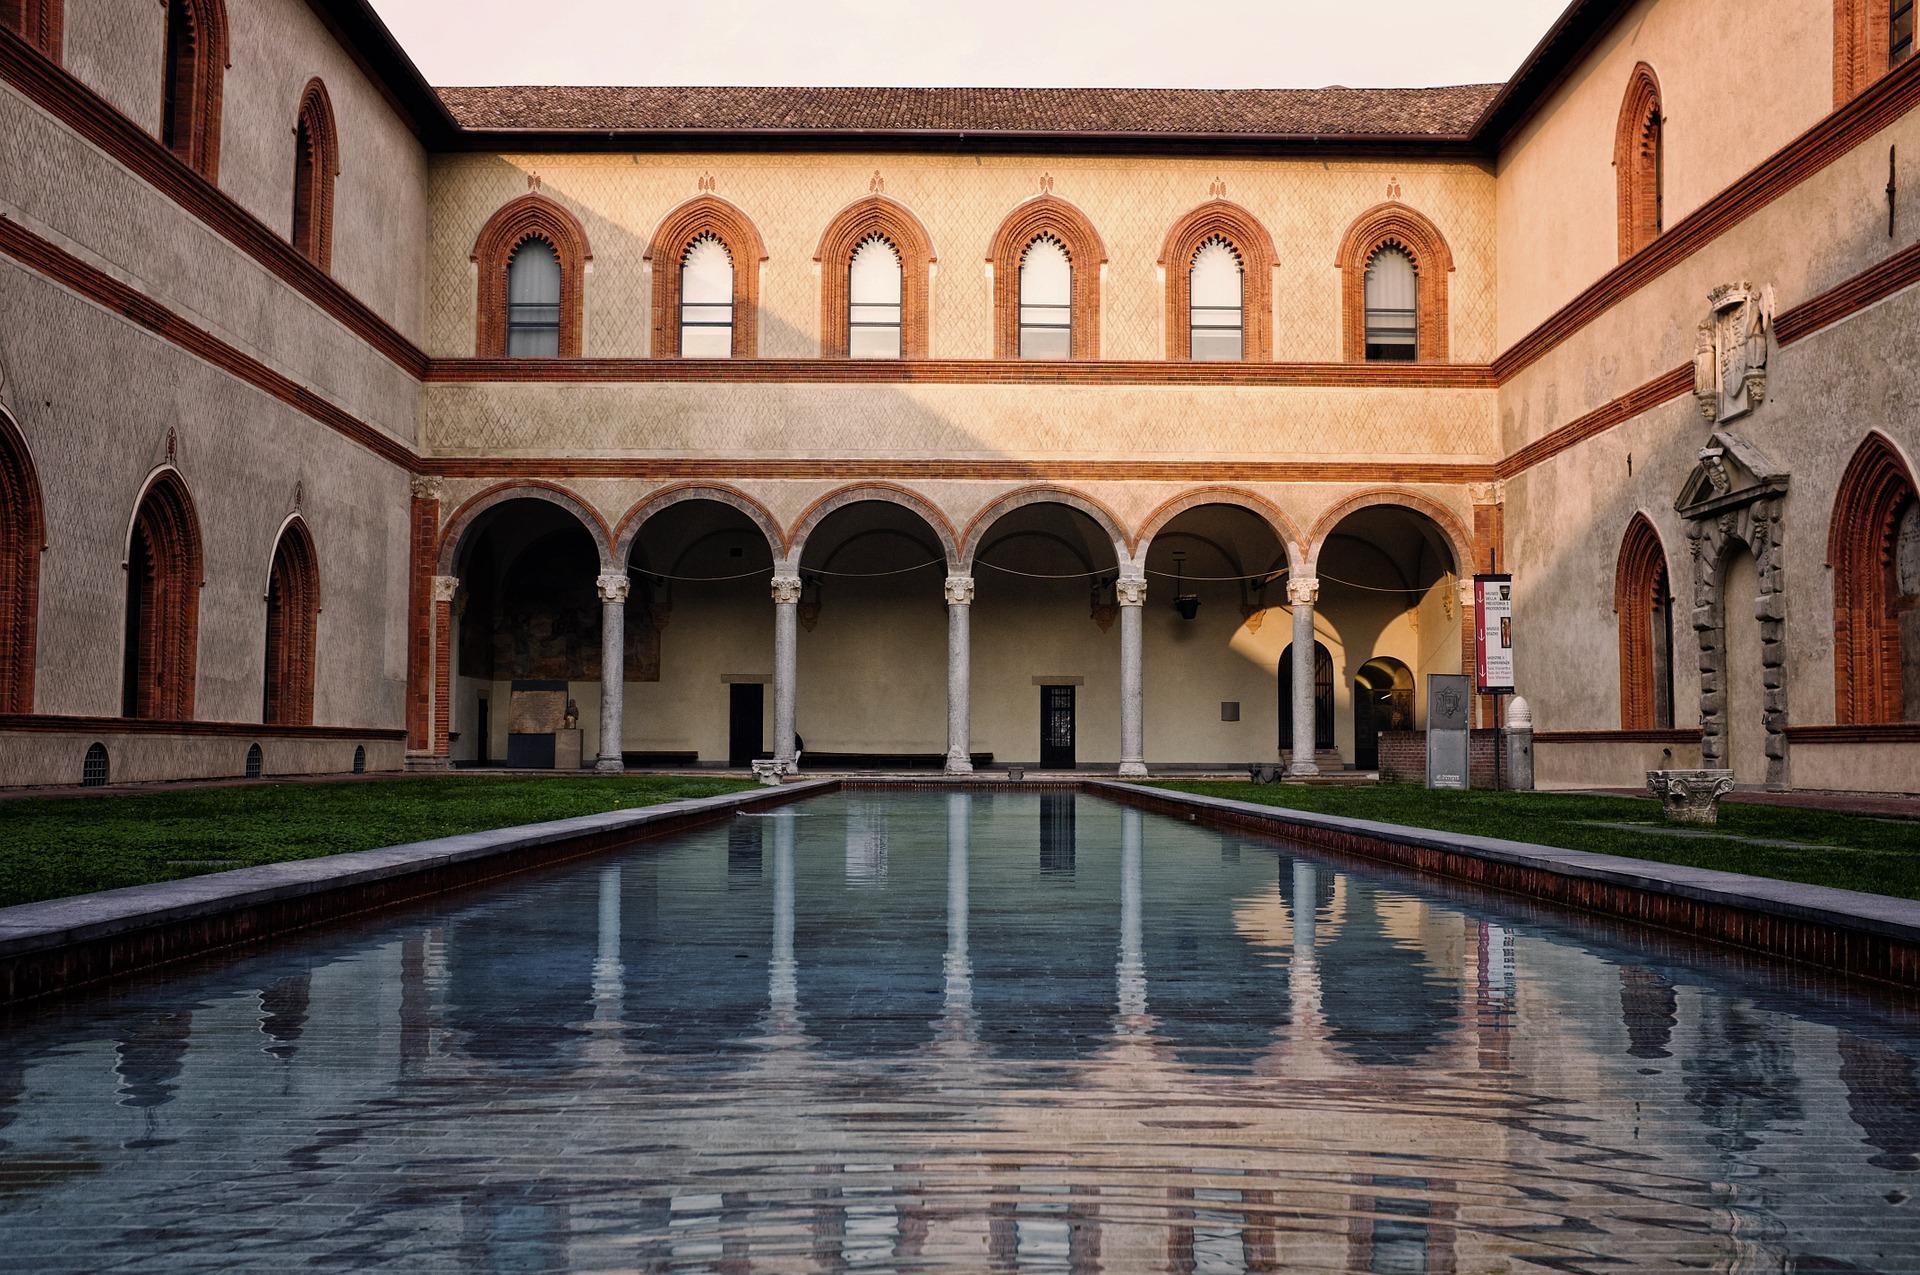 1 Città, 20 Musei, 4 Distretti. La nuova gestione museale di Milano. Ecco il piano strategico